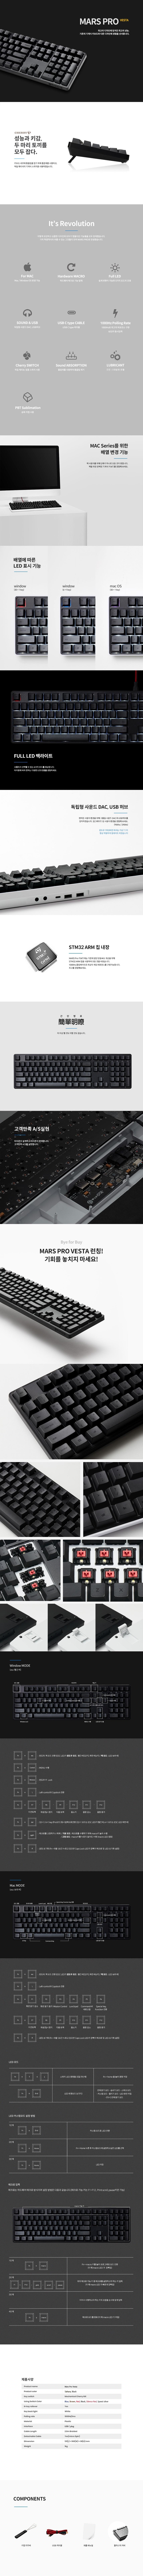 타이폰 Mars Pro VESTA 기계식 키보드 한글 (블랙, 갈축)